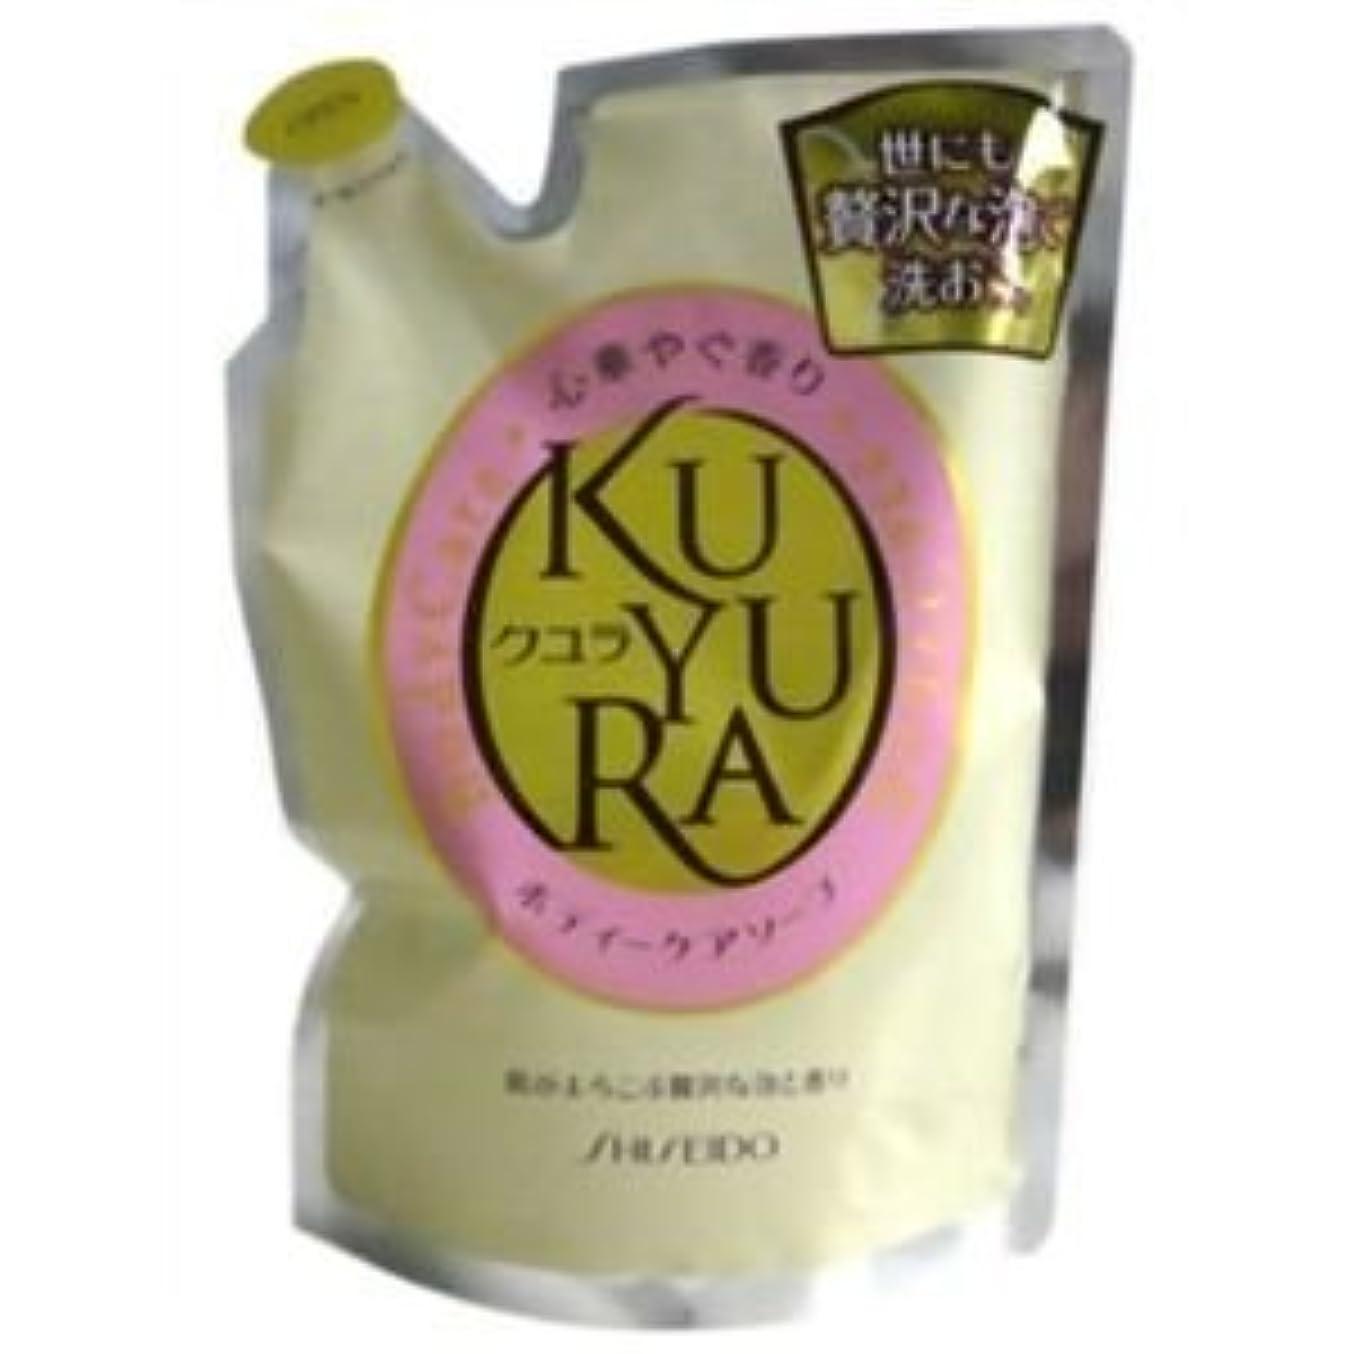 終わった薬剤師クユラ ボディケアソープ 心華やぐ香り つめかえ用400ml 4セット